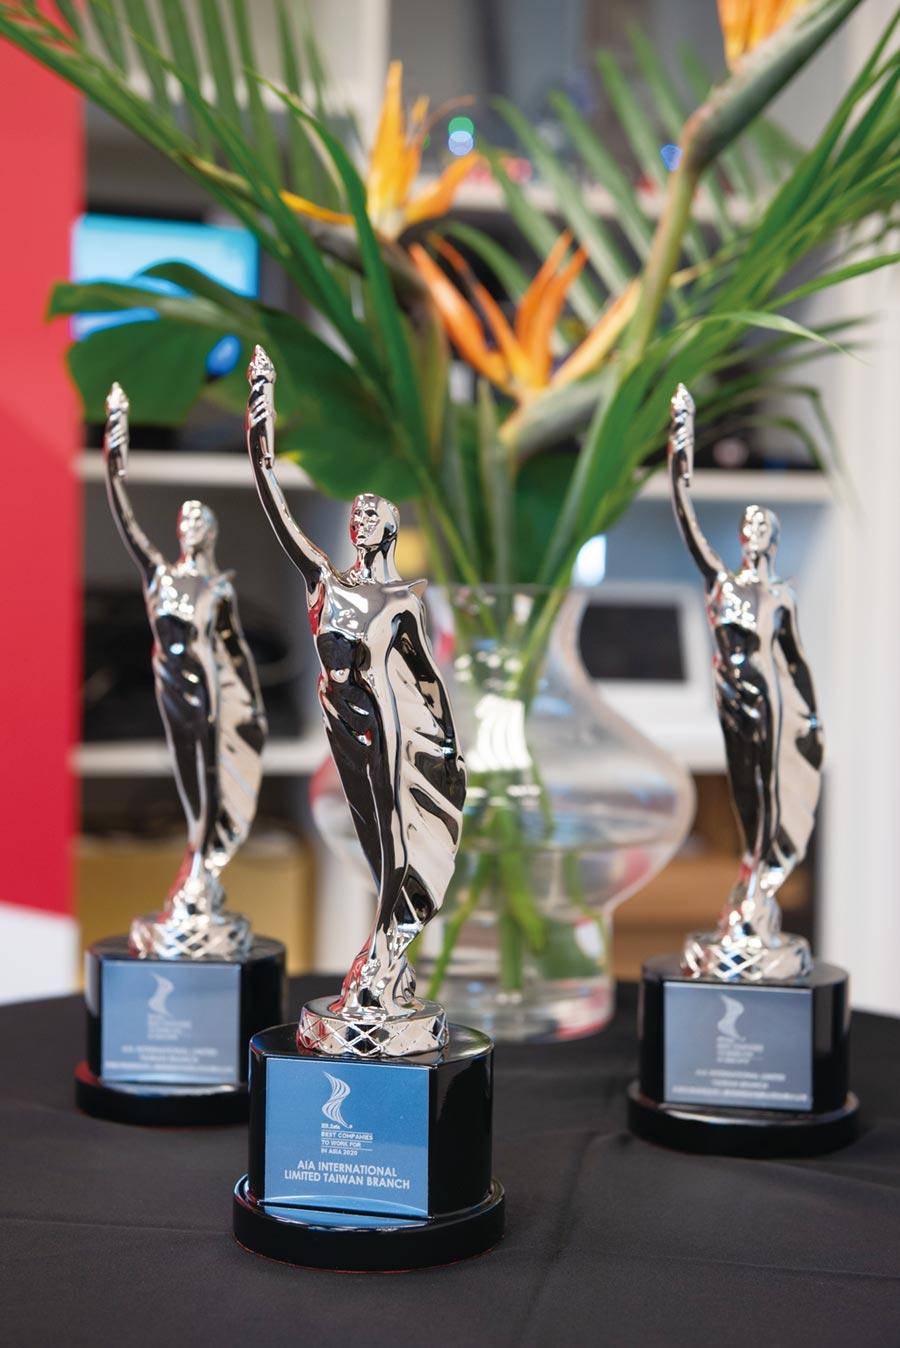 AIA友邦人壽連續三年獲HR Asia「亞洲最佳企業雇主獎」肯定。圖/友邦提供